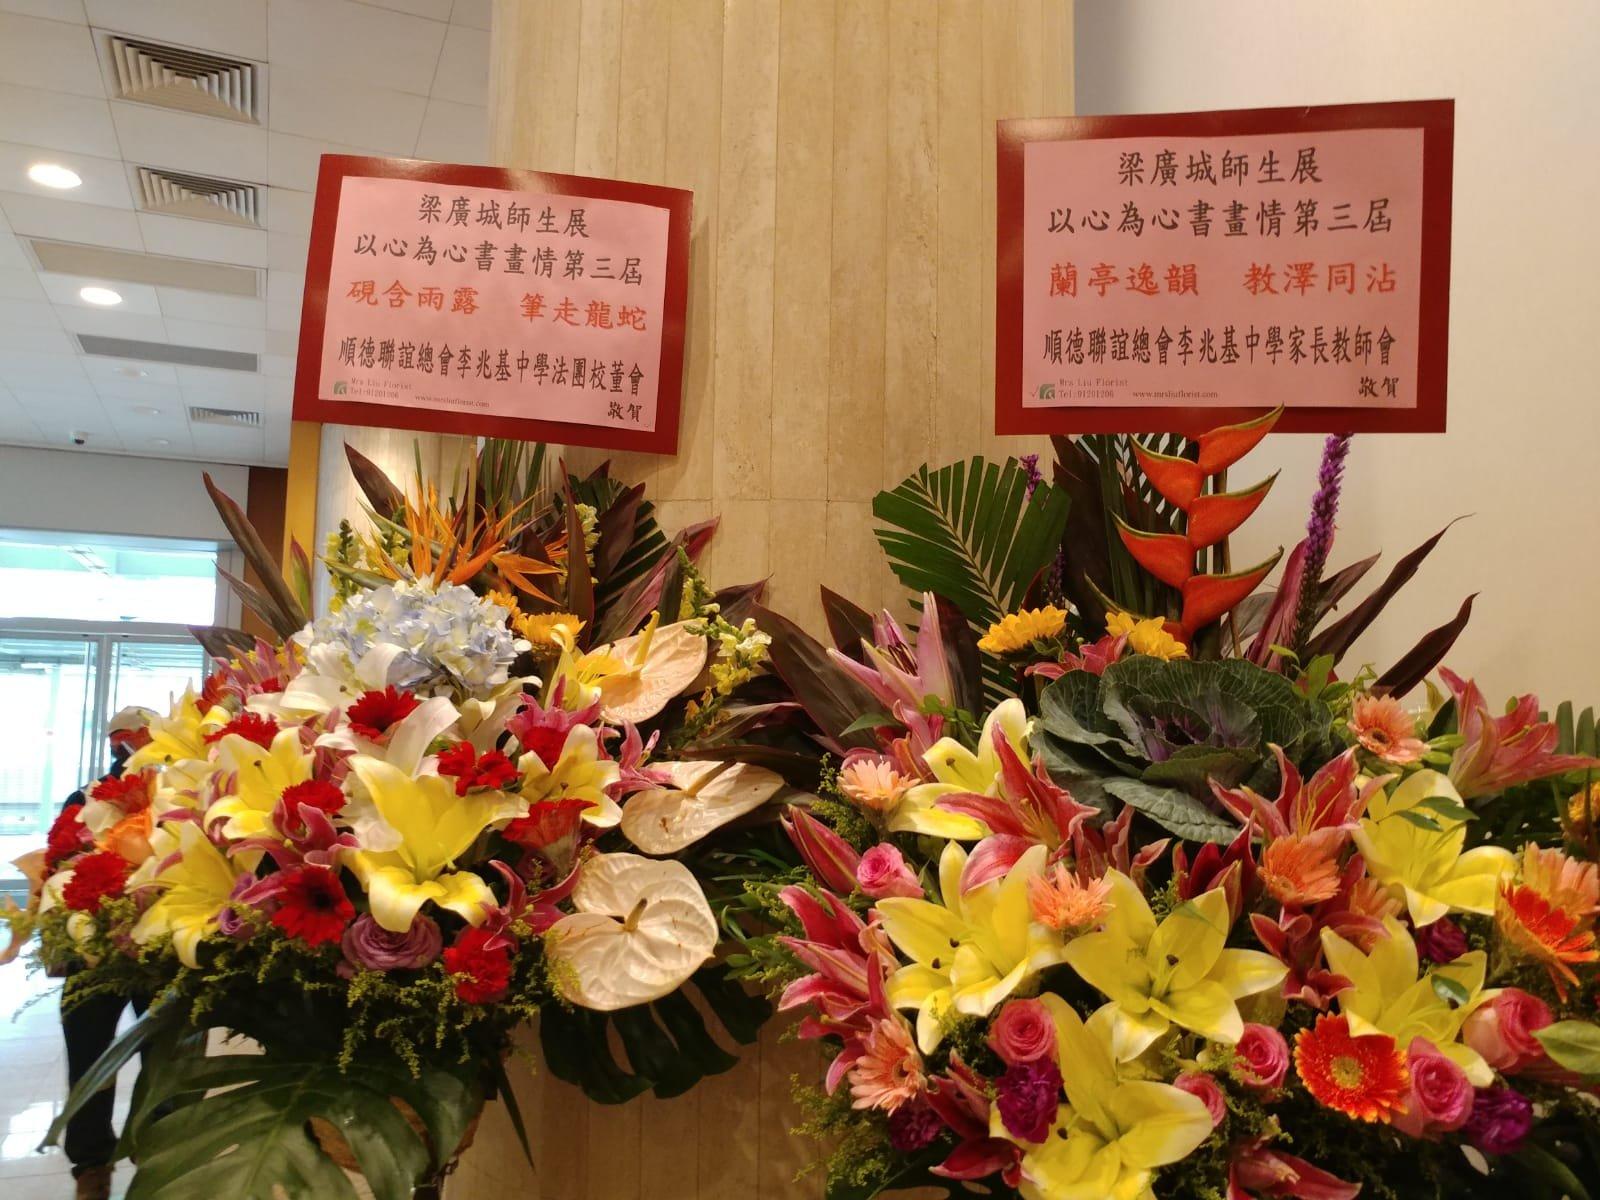 梁廣城師生書畫展, 5月17日(五) - 07